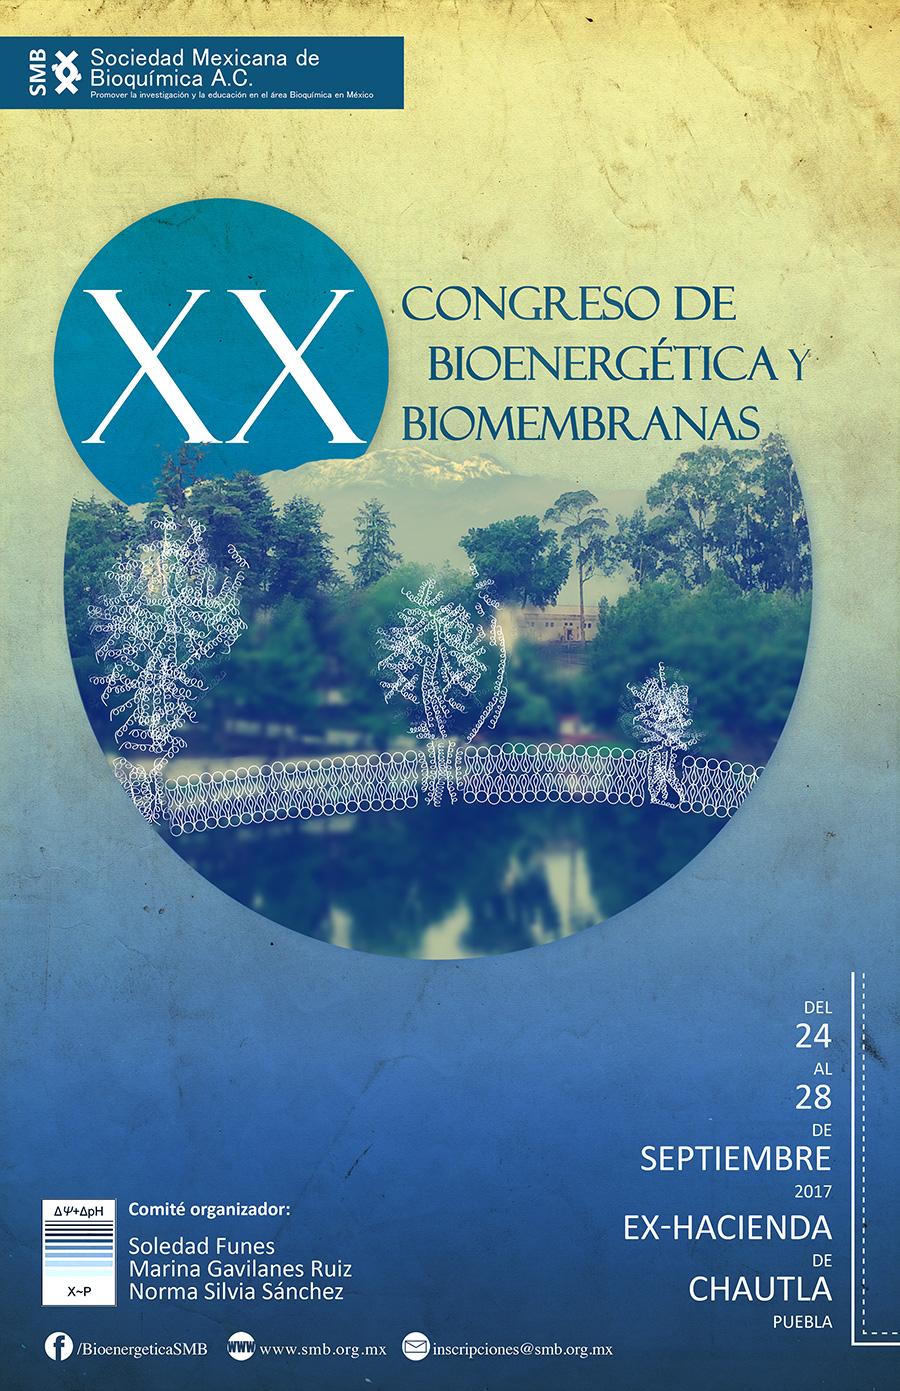 XX Congreso de Bioenergética y Biomembranas